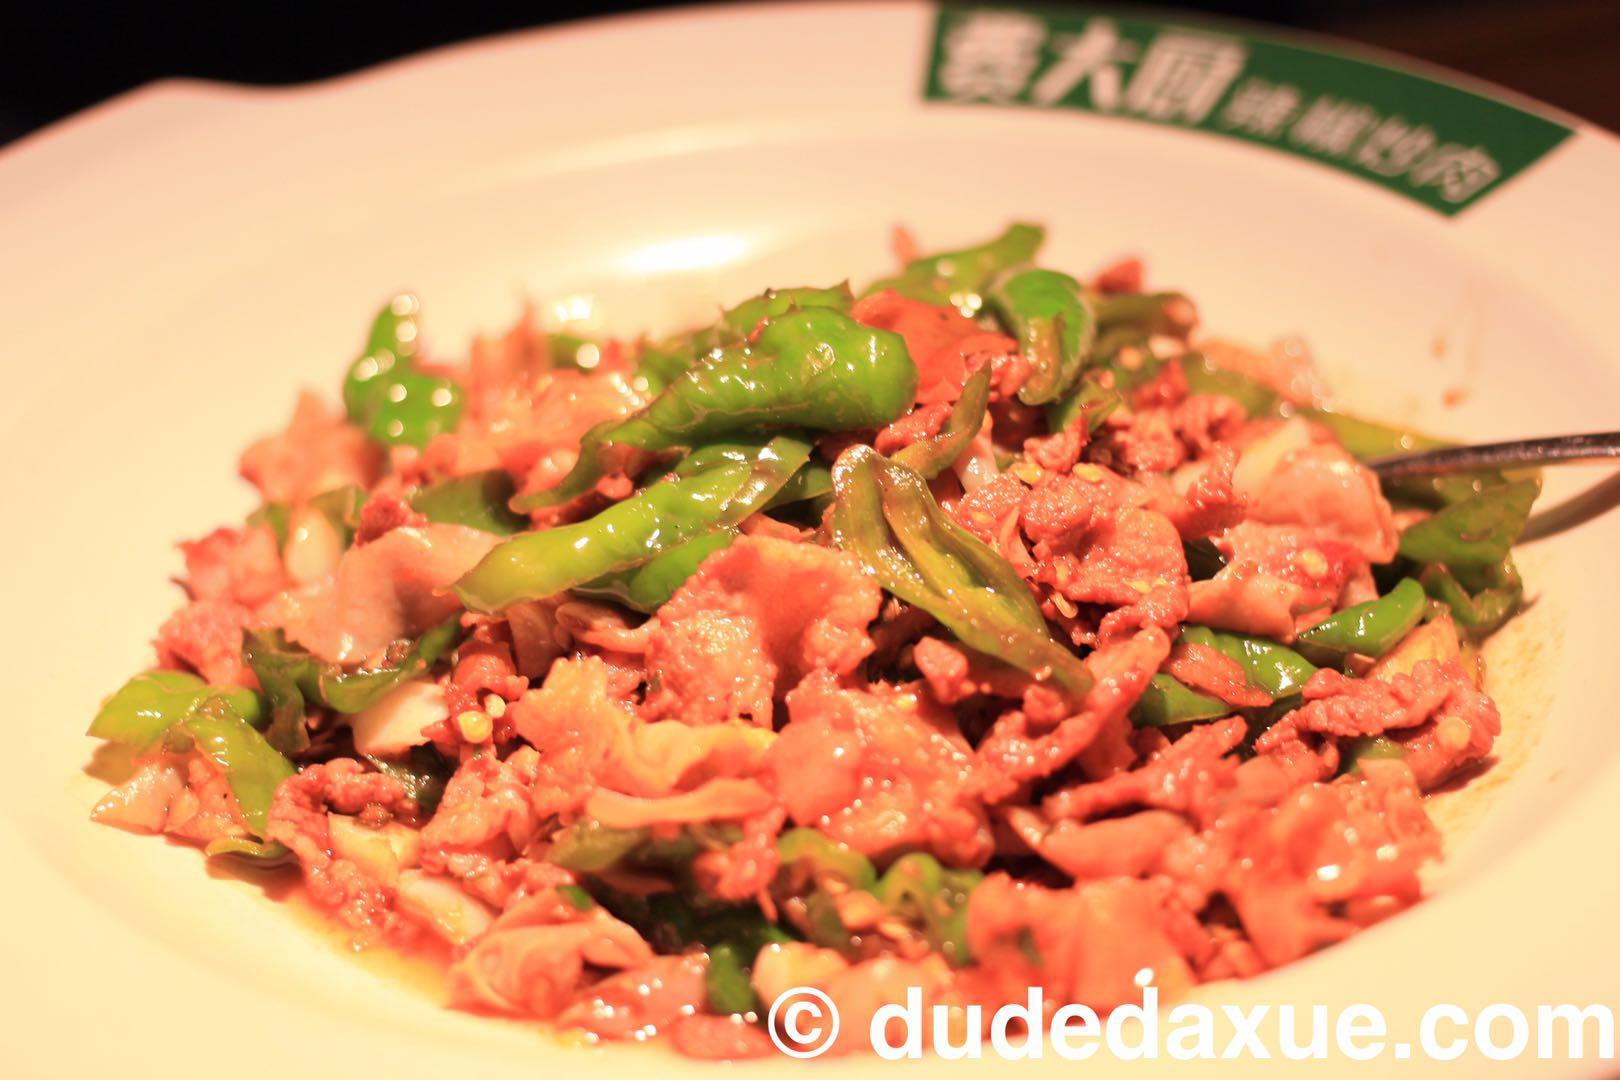 湖南菜 辣椒炒肉 能下两碗饭